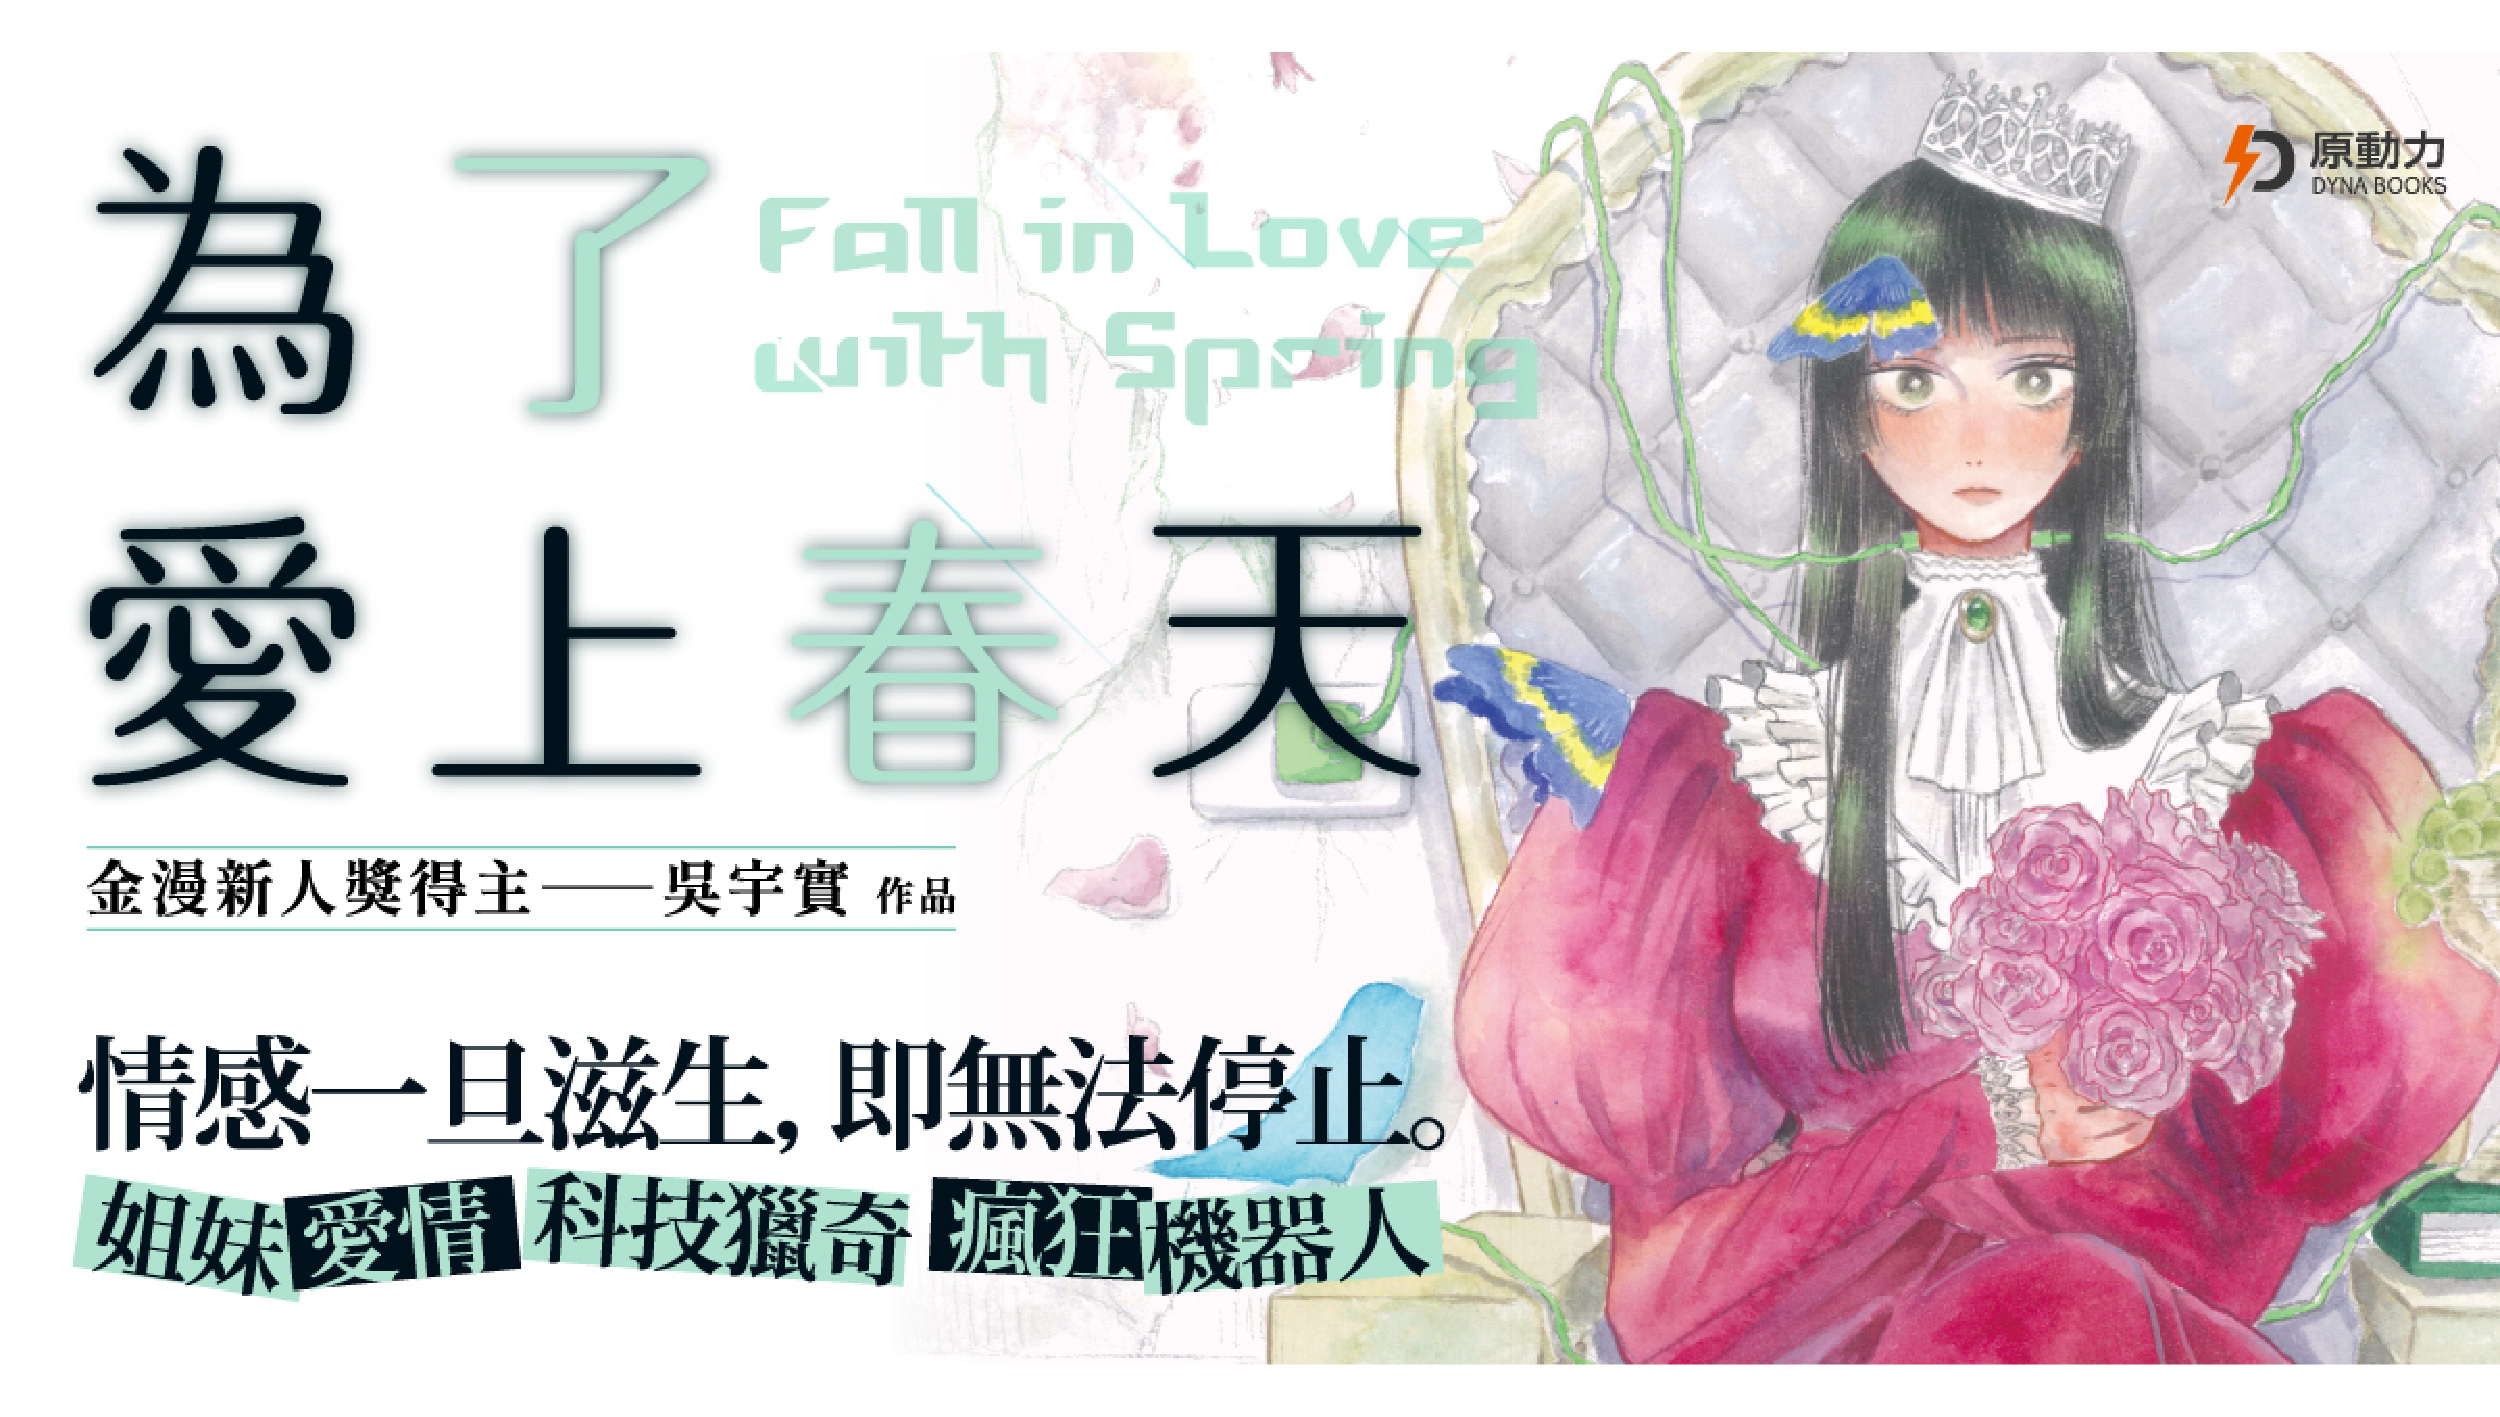 金漫獎新人獎得主吳宇實最新作品——《為了愛上春天》9月27日全台上市